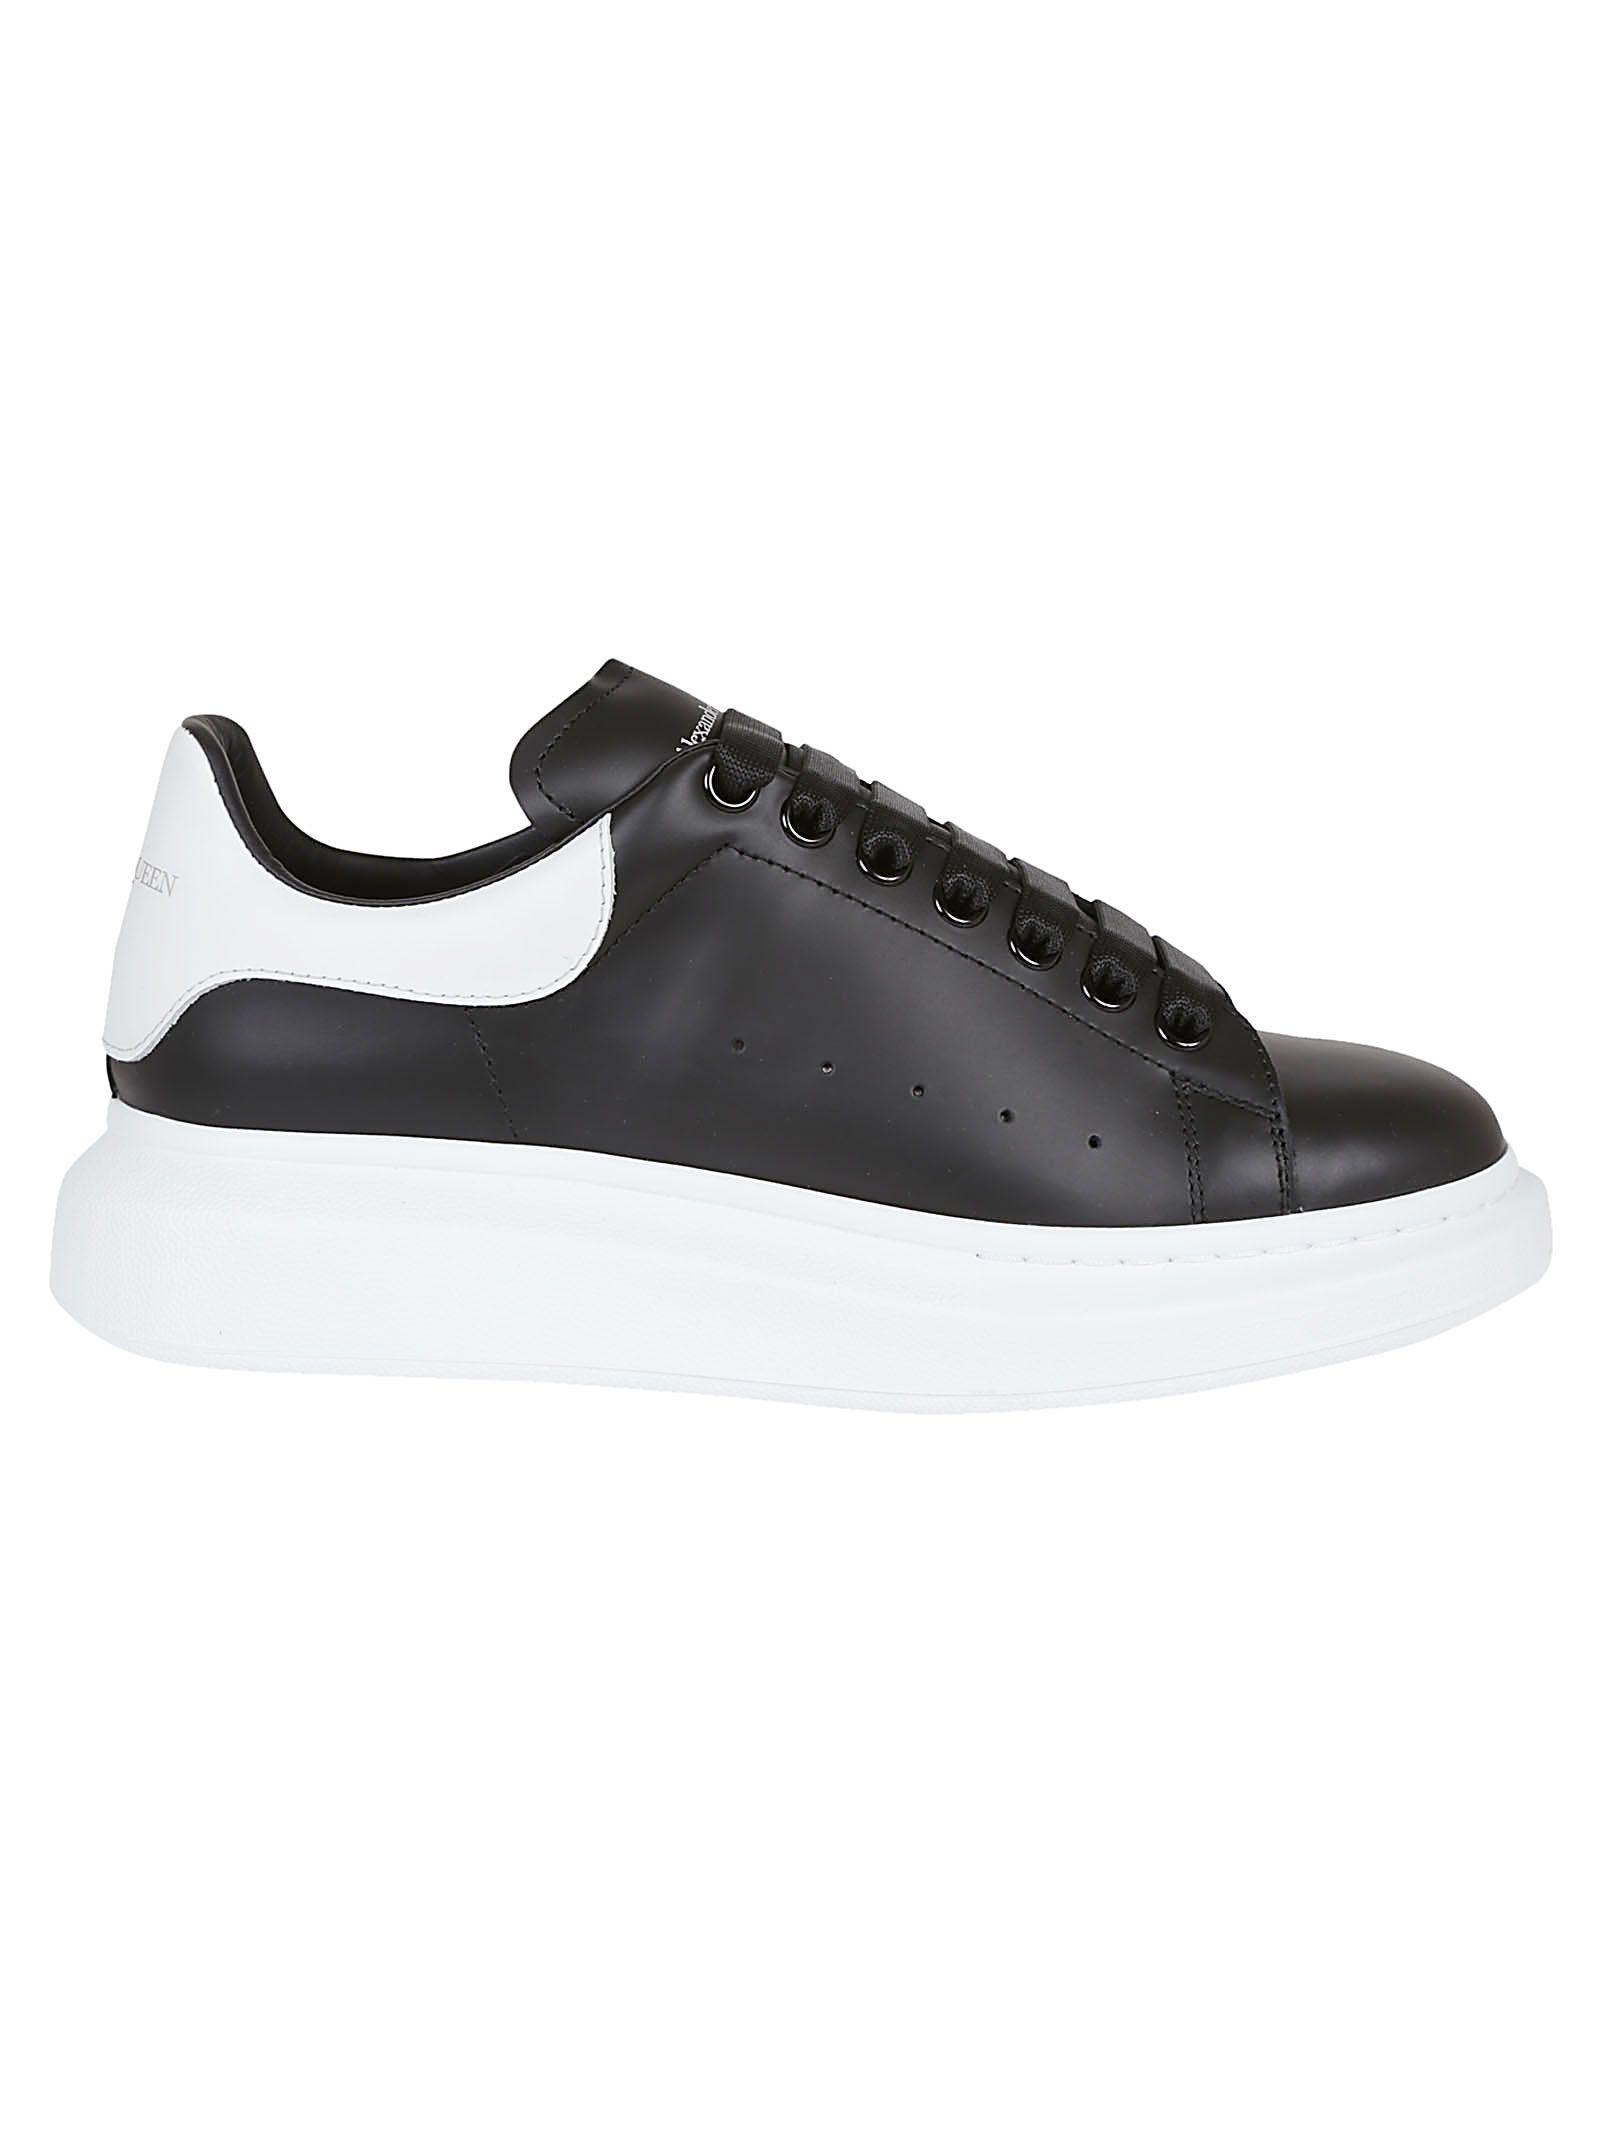 ef9eeec20393 ALEXANDER MCQUEEN ALEXANDER MCQUEEN OVERSIZED SNEAKERS.  alexandermcqueen   shoes